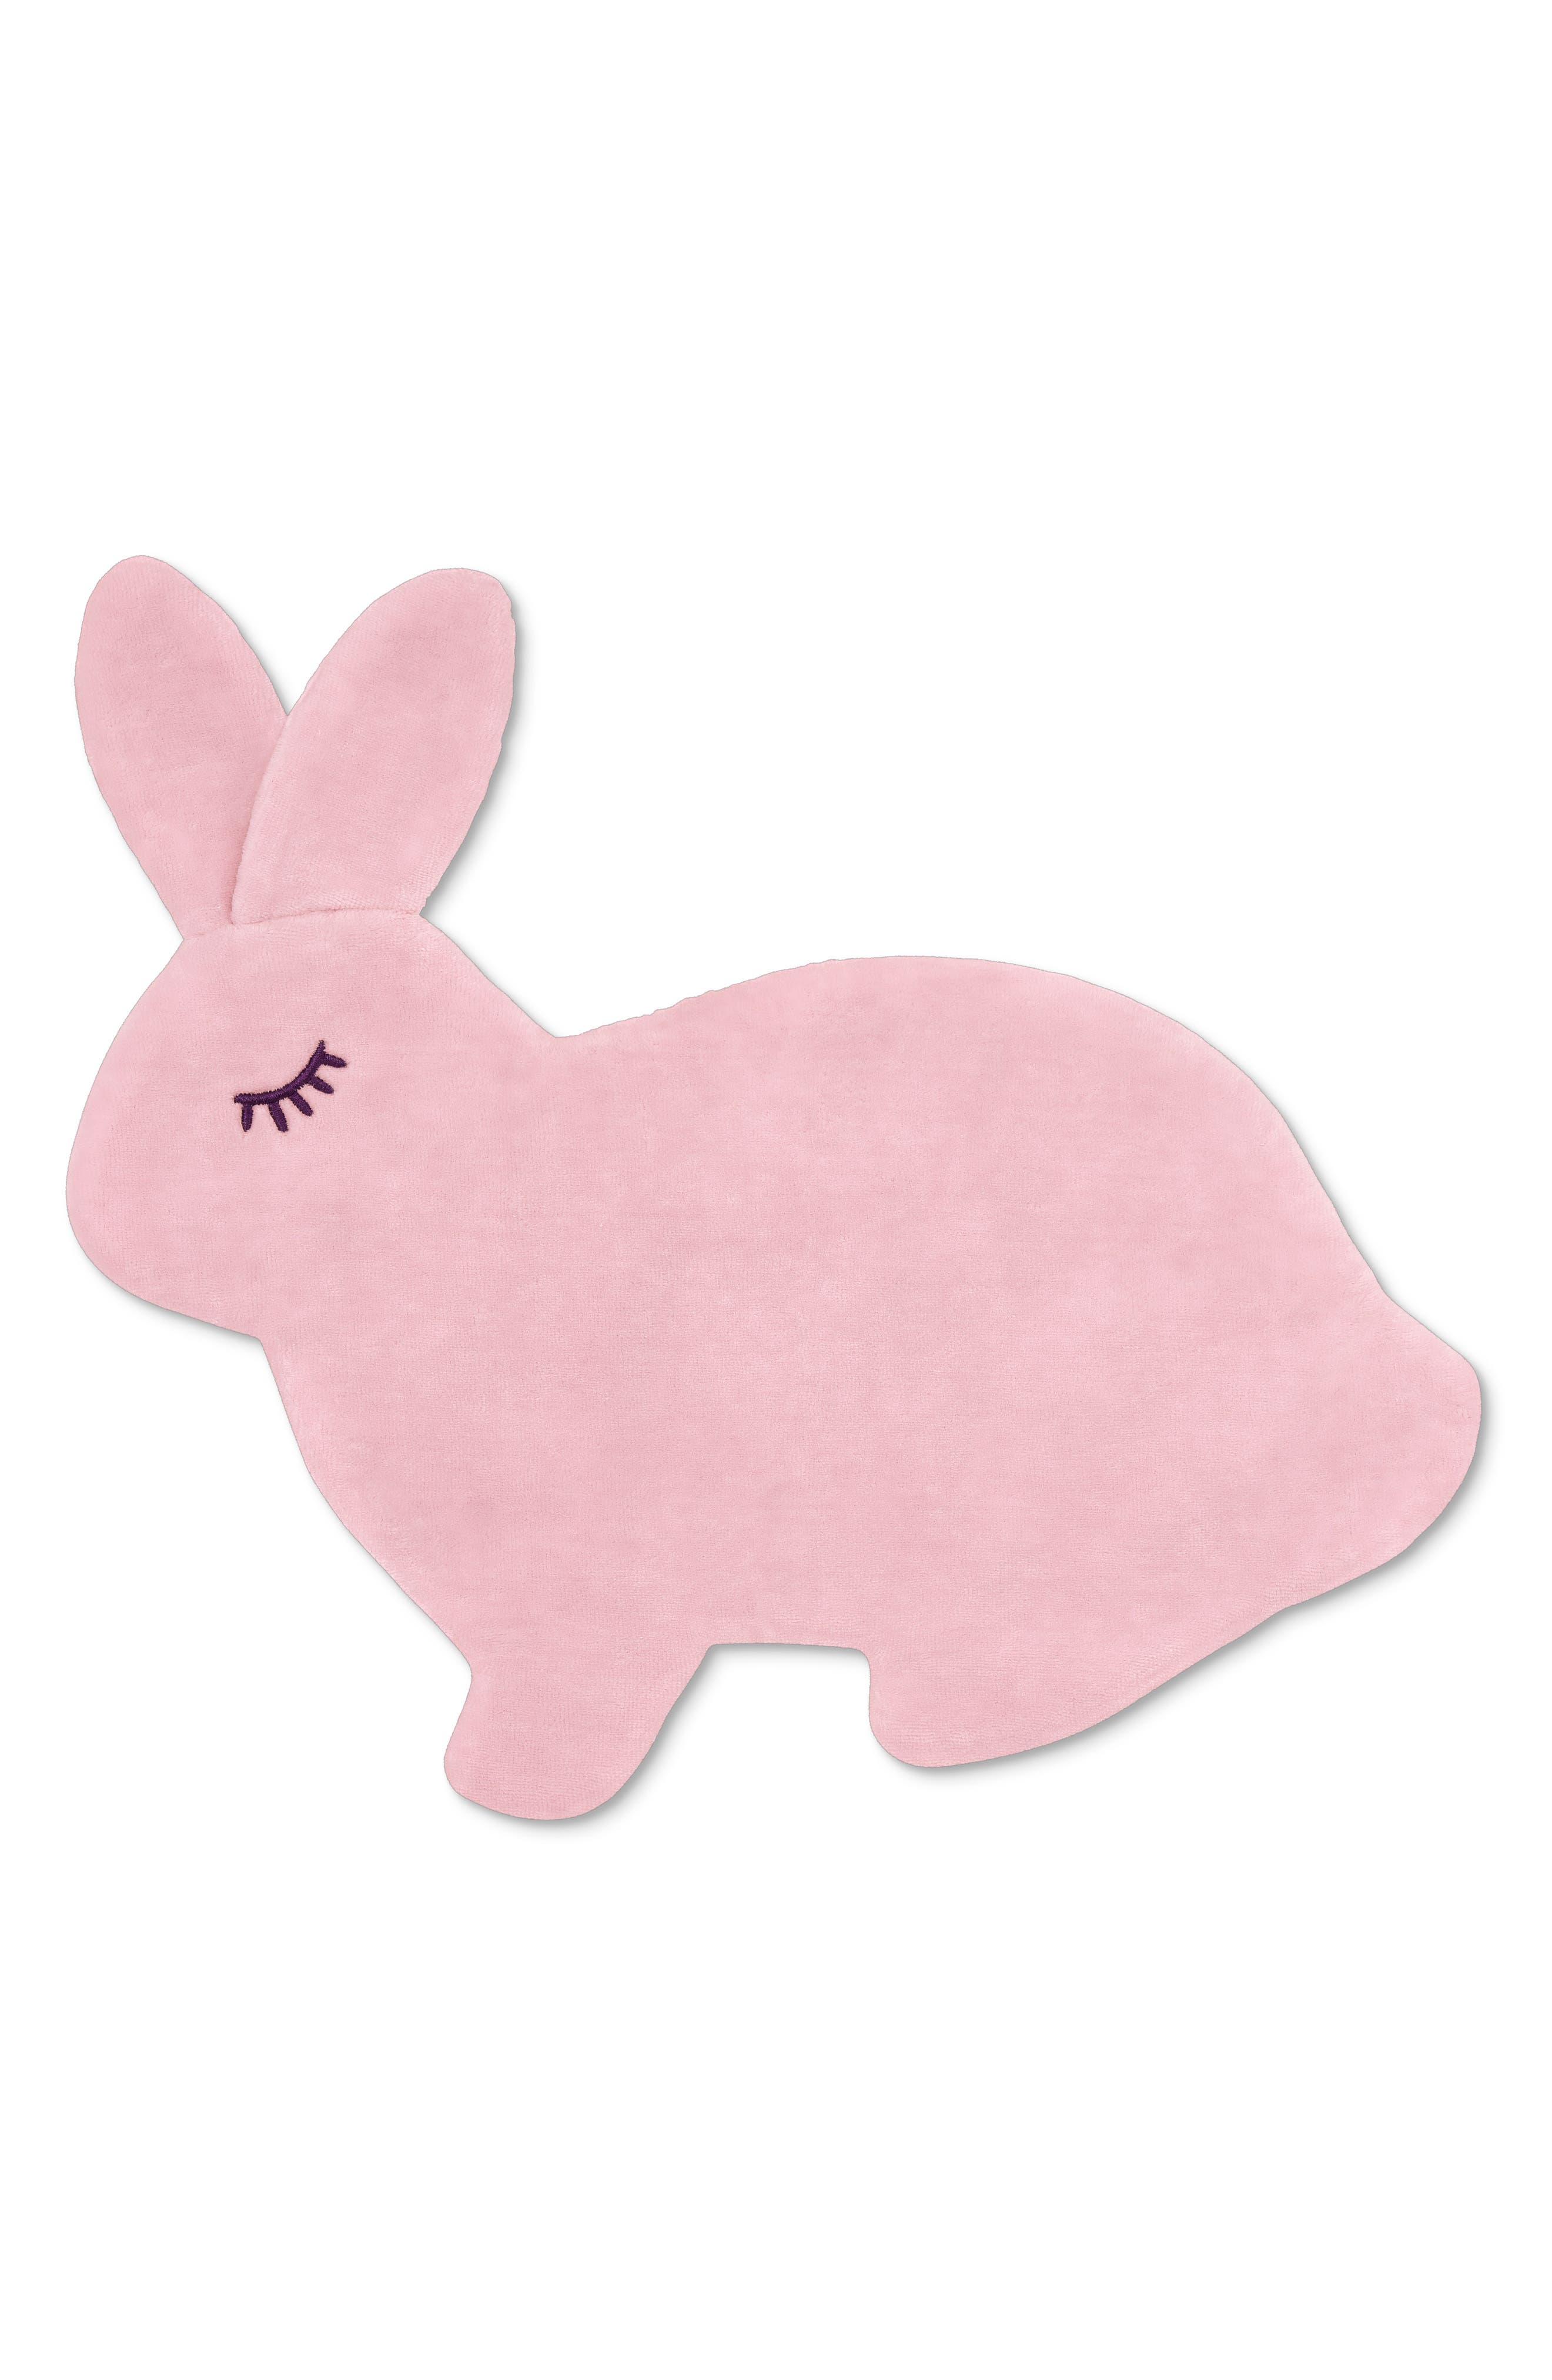 APPLE PARK TOYS Bunny Crinkle Blankie, Main, color, 650